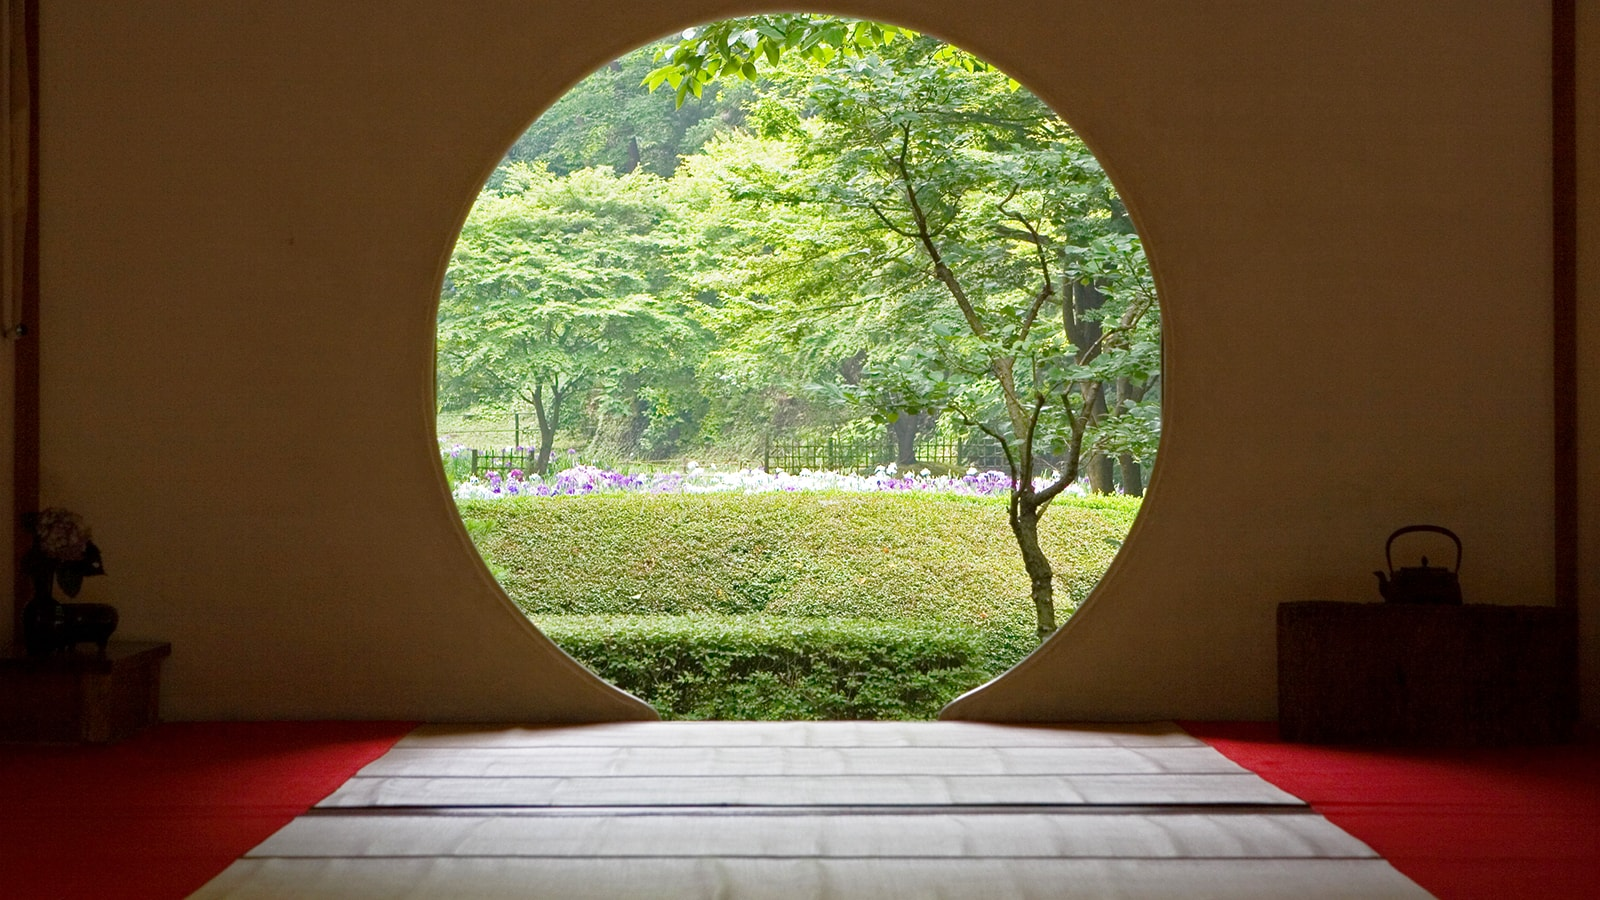 真理をあらわす丸い悟りの窓からは明月院の新緑に彩られた庭園を望める - -神奈川県鎌倉市にある観光、撮影スポット- -